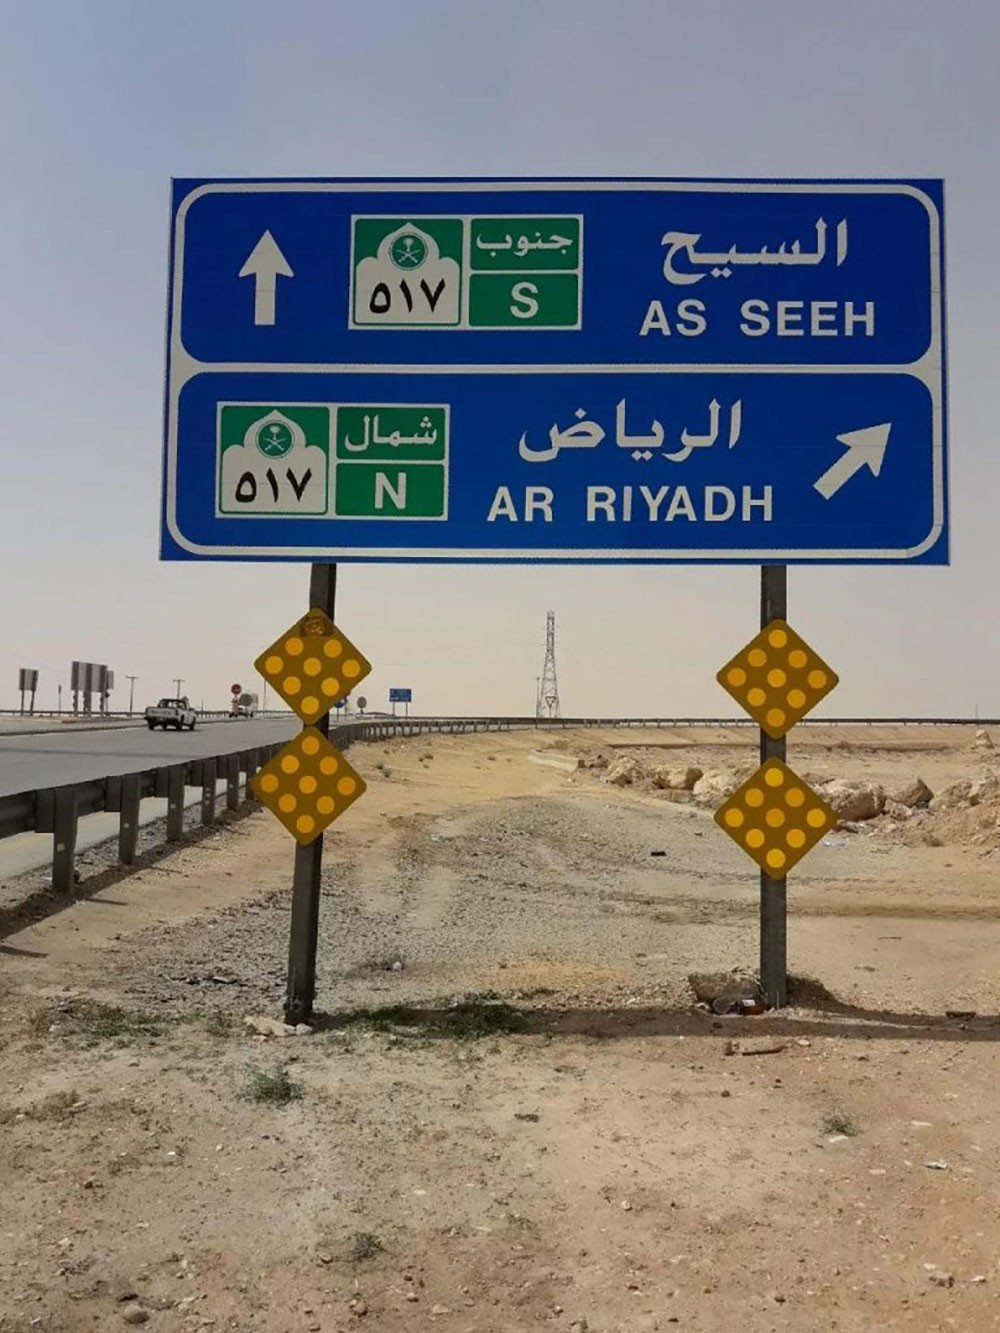 عائلة بحرينية تتعرض لحادث مروري مروع بالسعودية